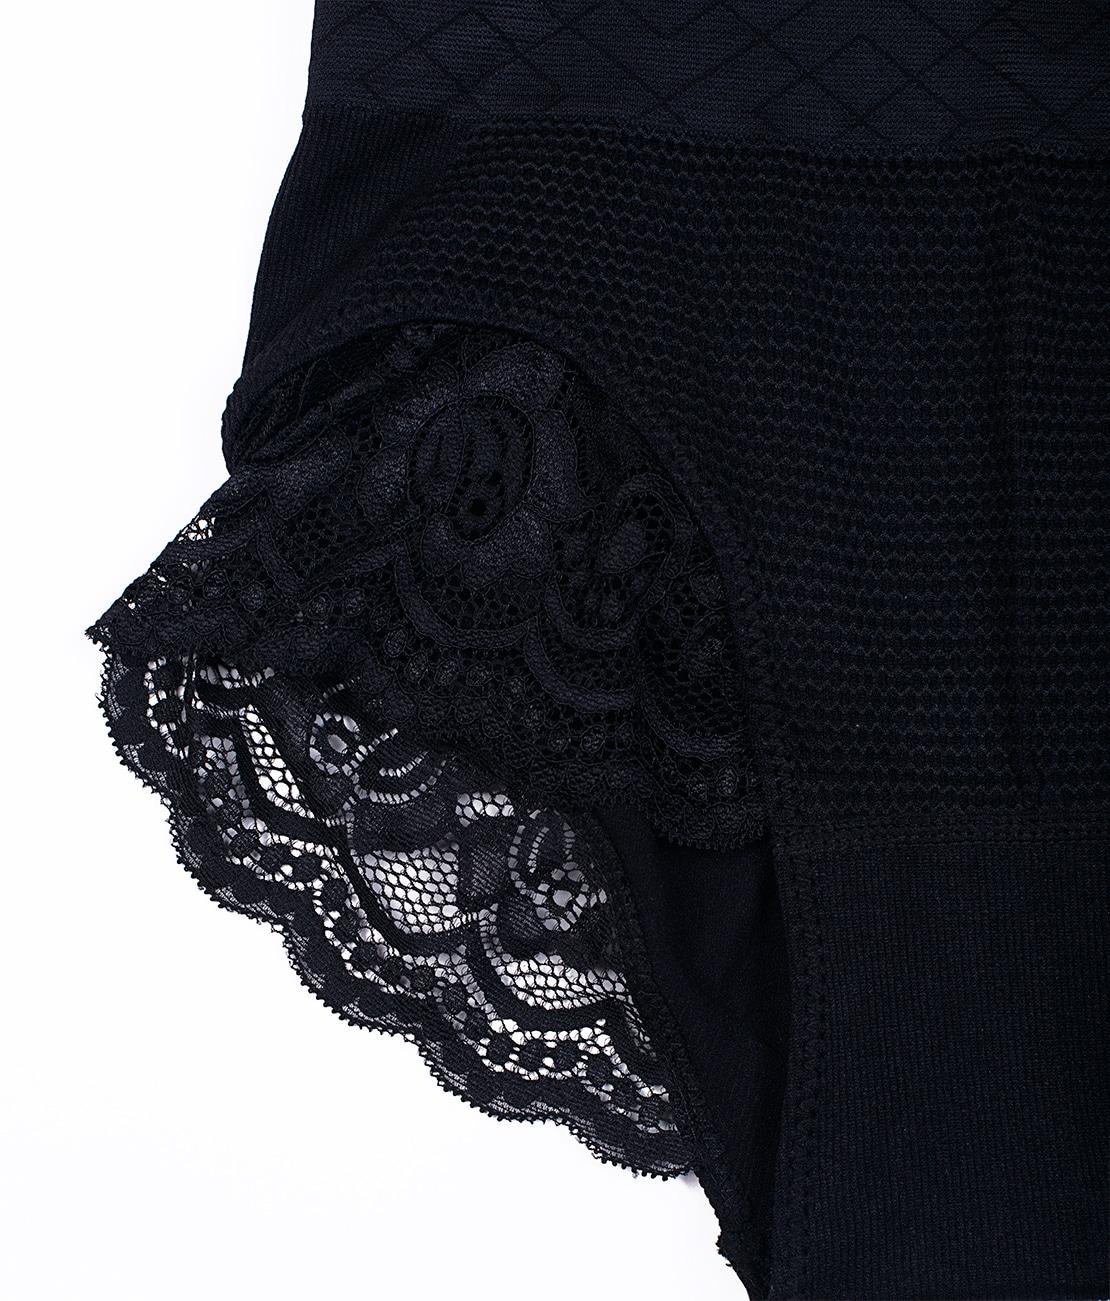 Culotte Taille Haute Dentelle Noire Packshot Detail 2